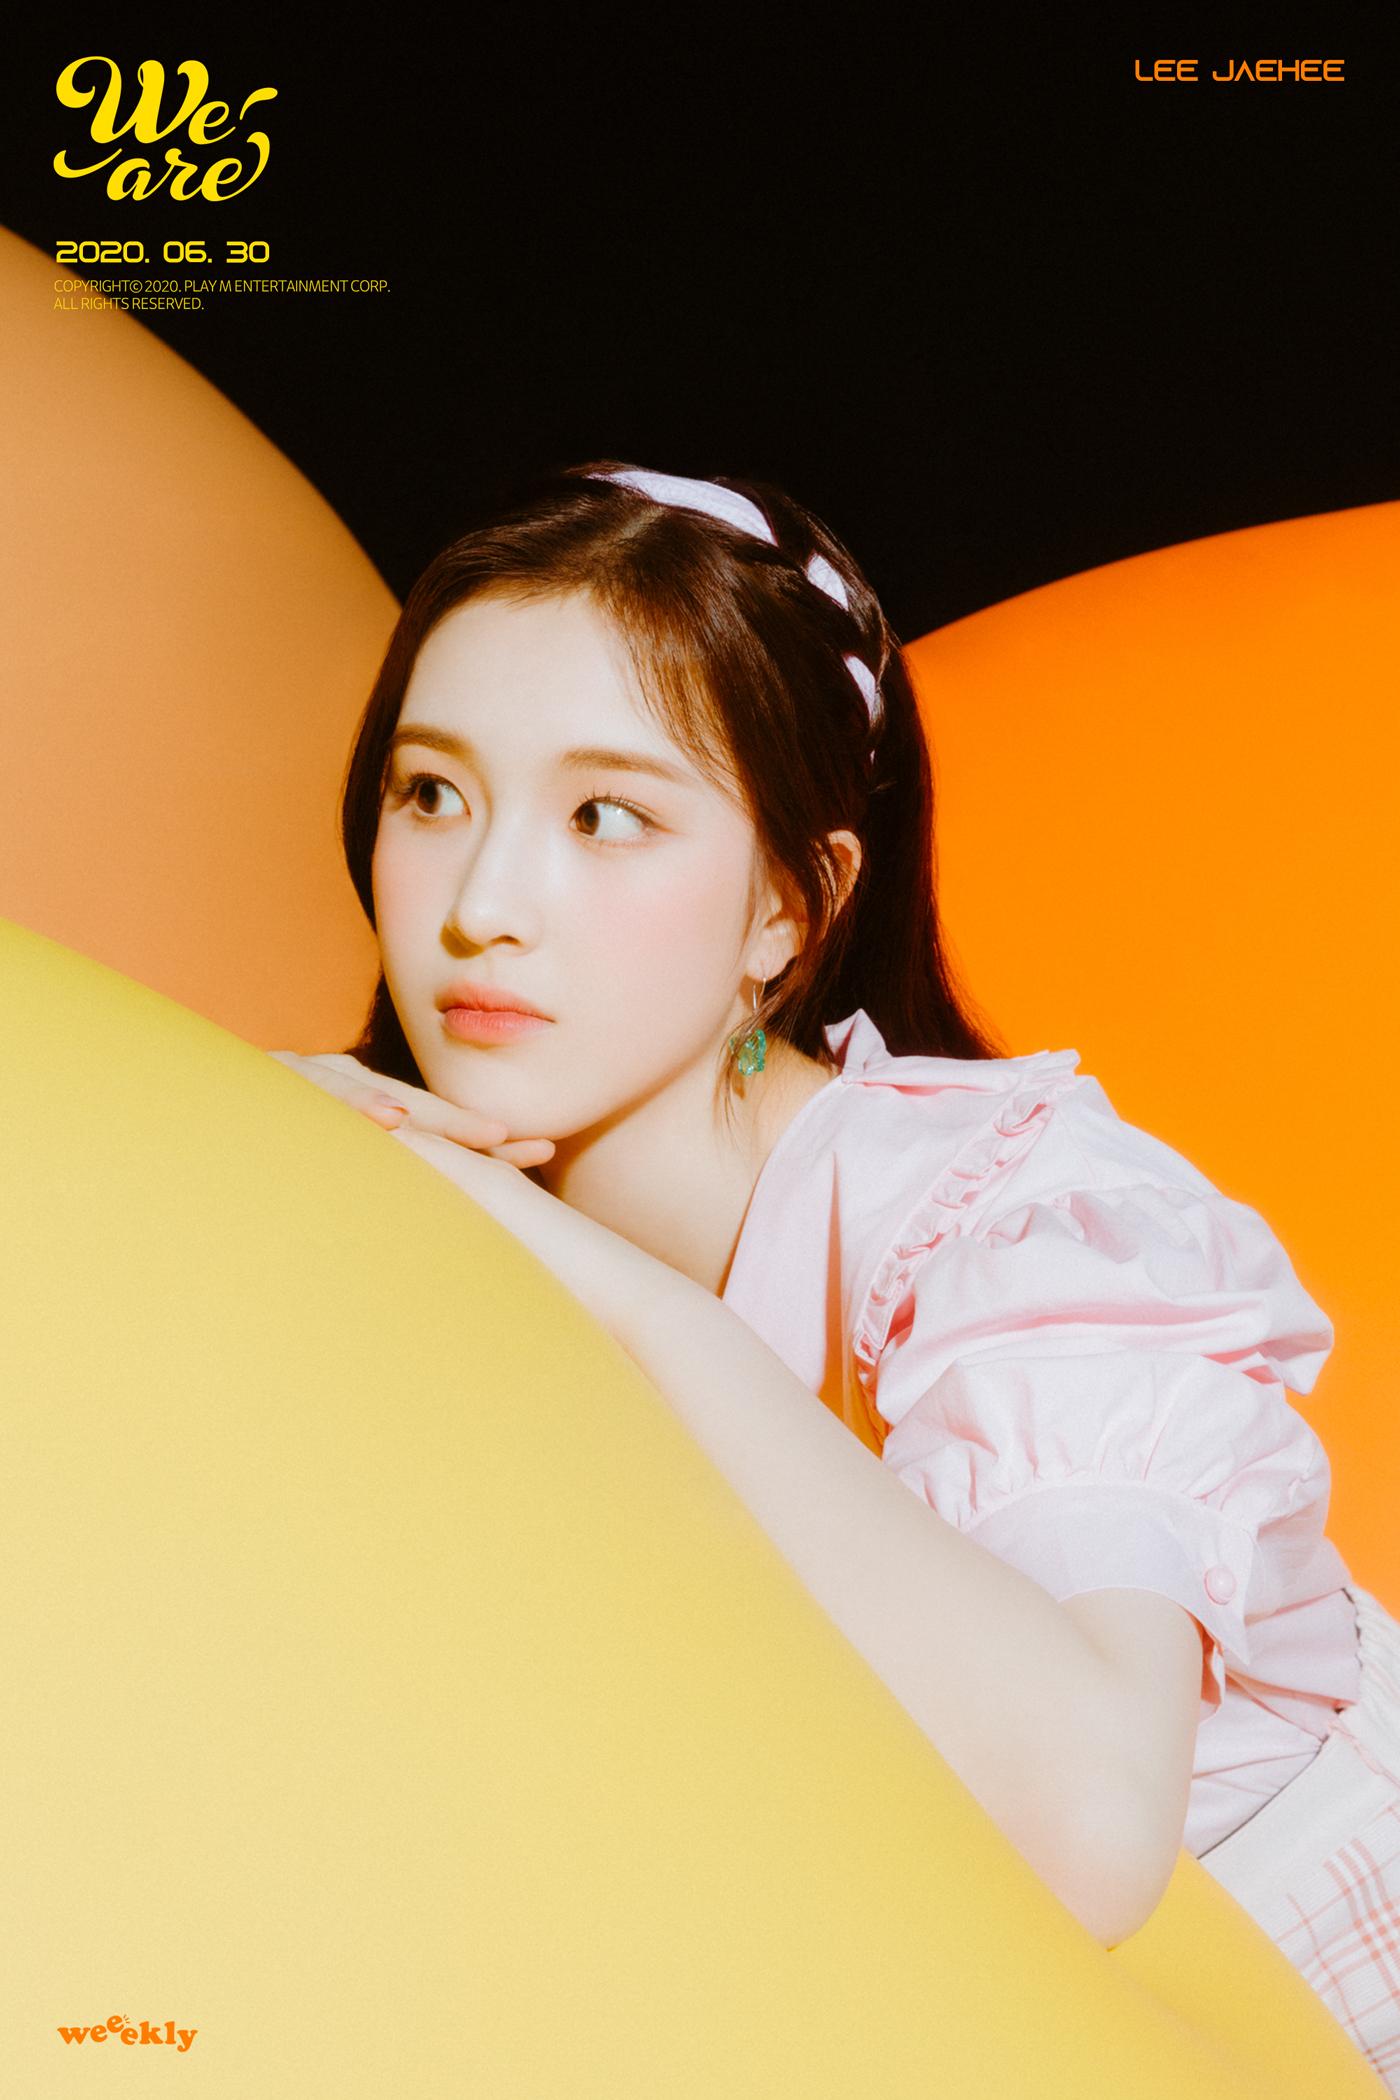 Jaehee WEEEKLY